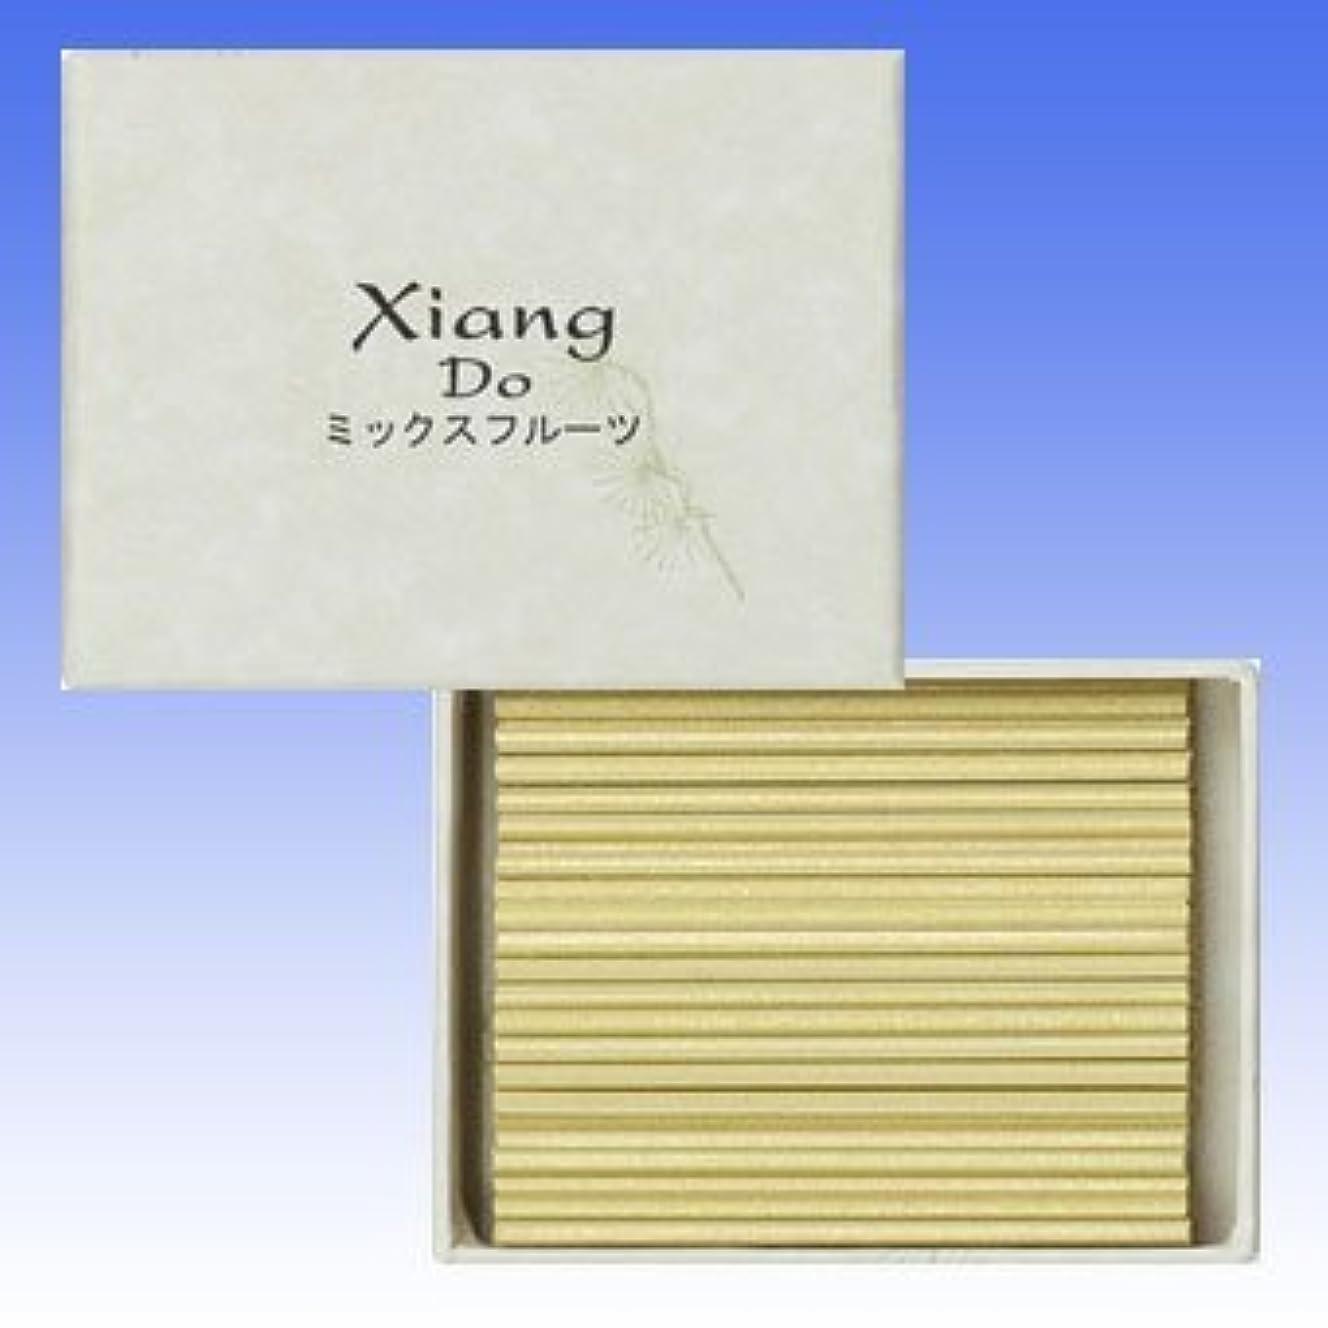 混合した言い訳動松栄堂 Xiang Do(シァン ドゥ) 徳用120本入 (ミックスフルーツ)